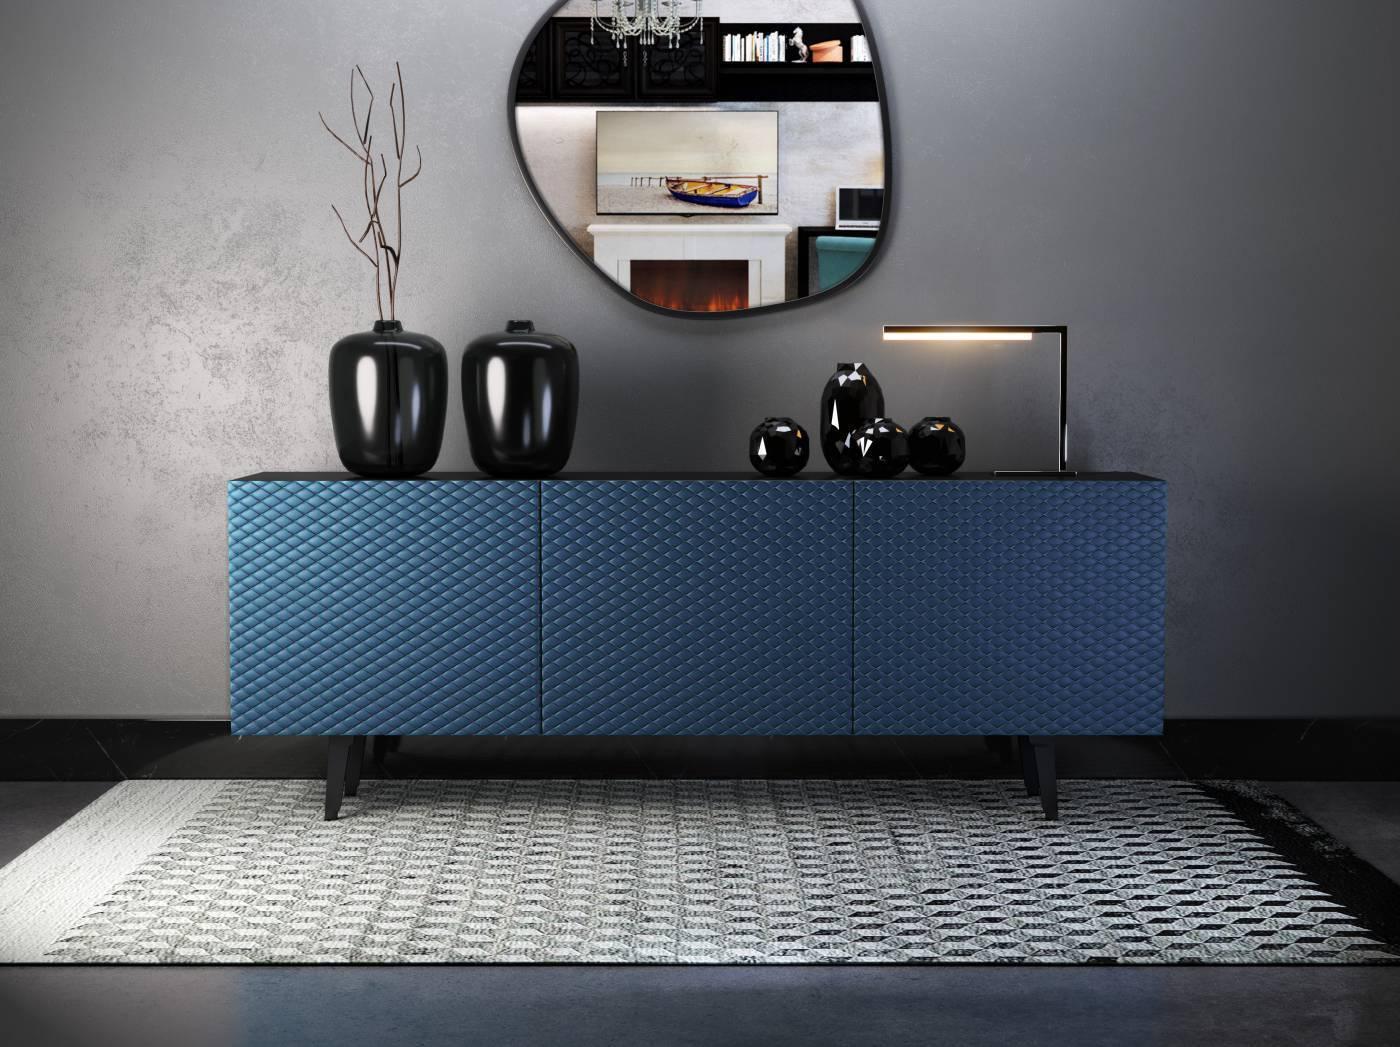 Ekskluzywne komody do salonu, czyli jak w 3 krokach urządzić wnętrze w stylu glamour